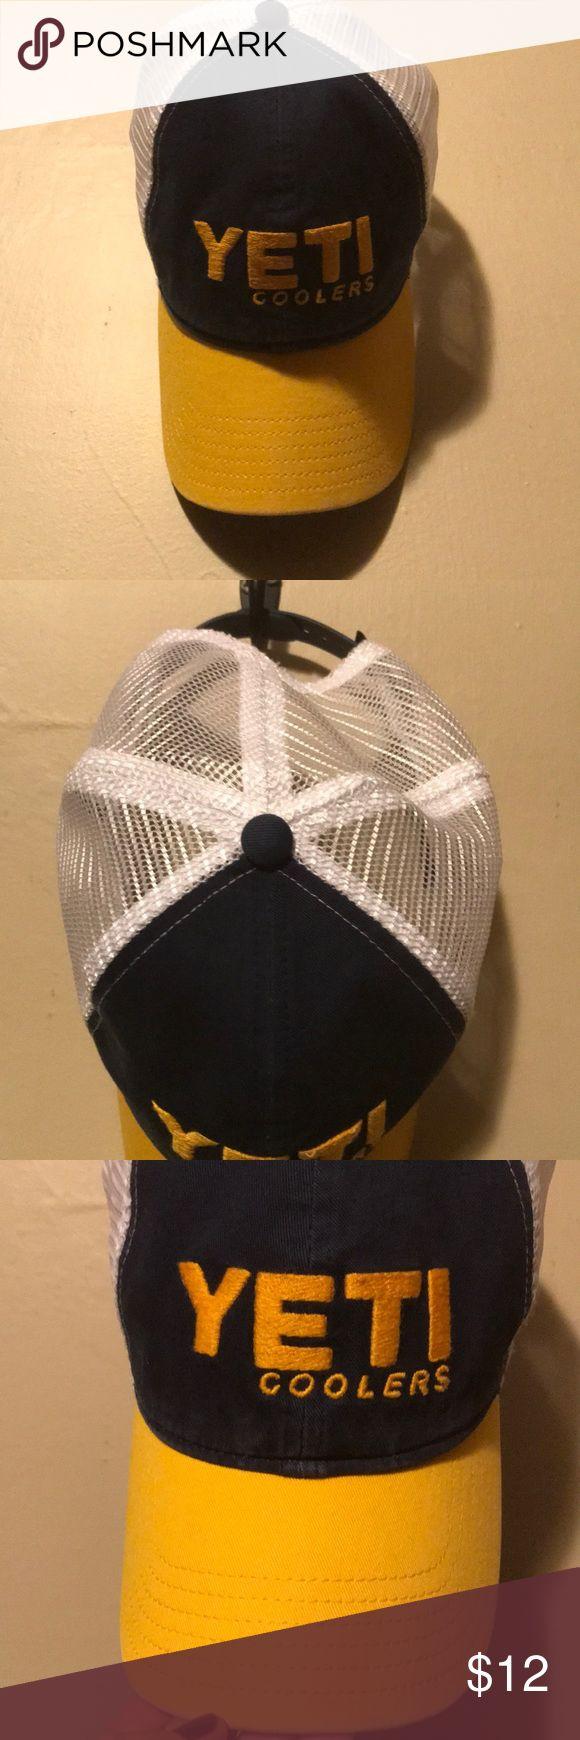 NWOT men's Yeti hat 💙💛 Brand new Yeti low pro trucker hat. yeti Accessories Hats